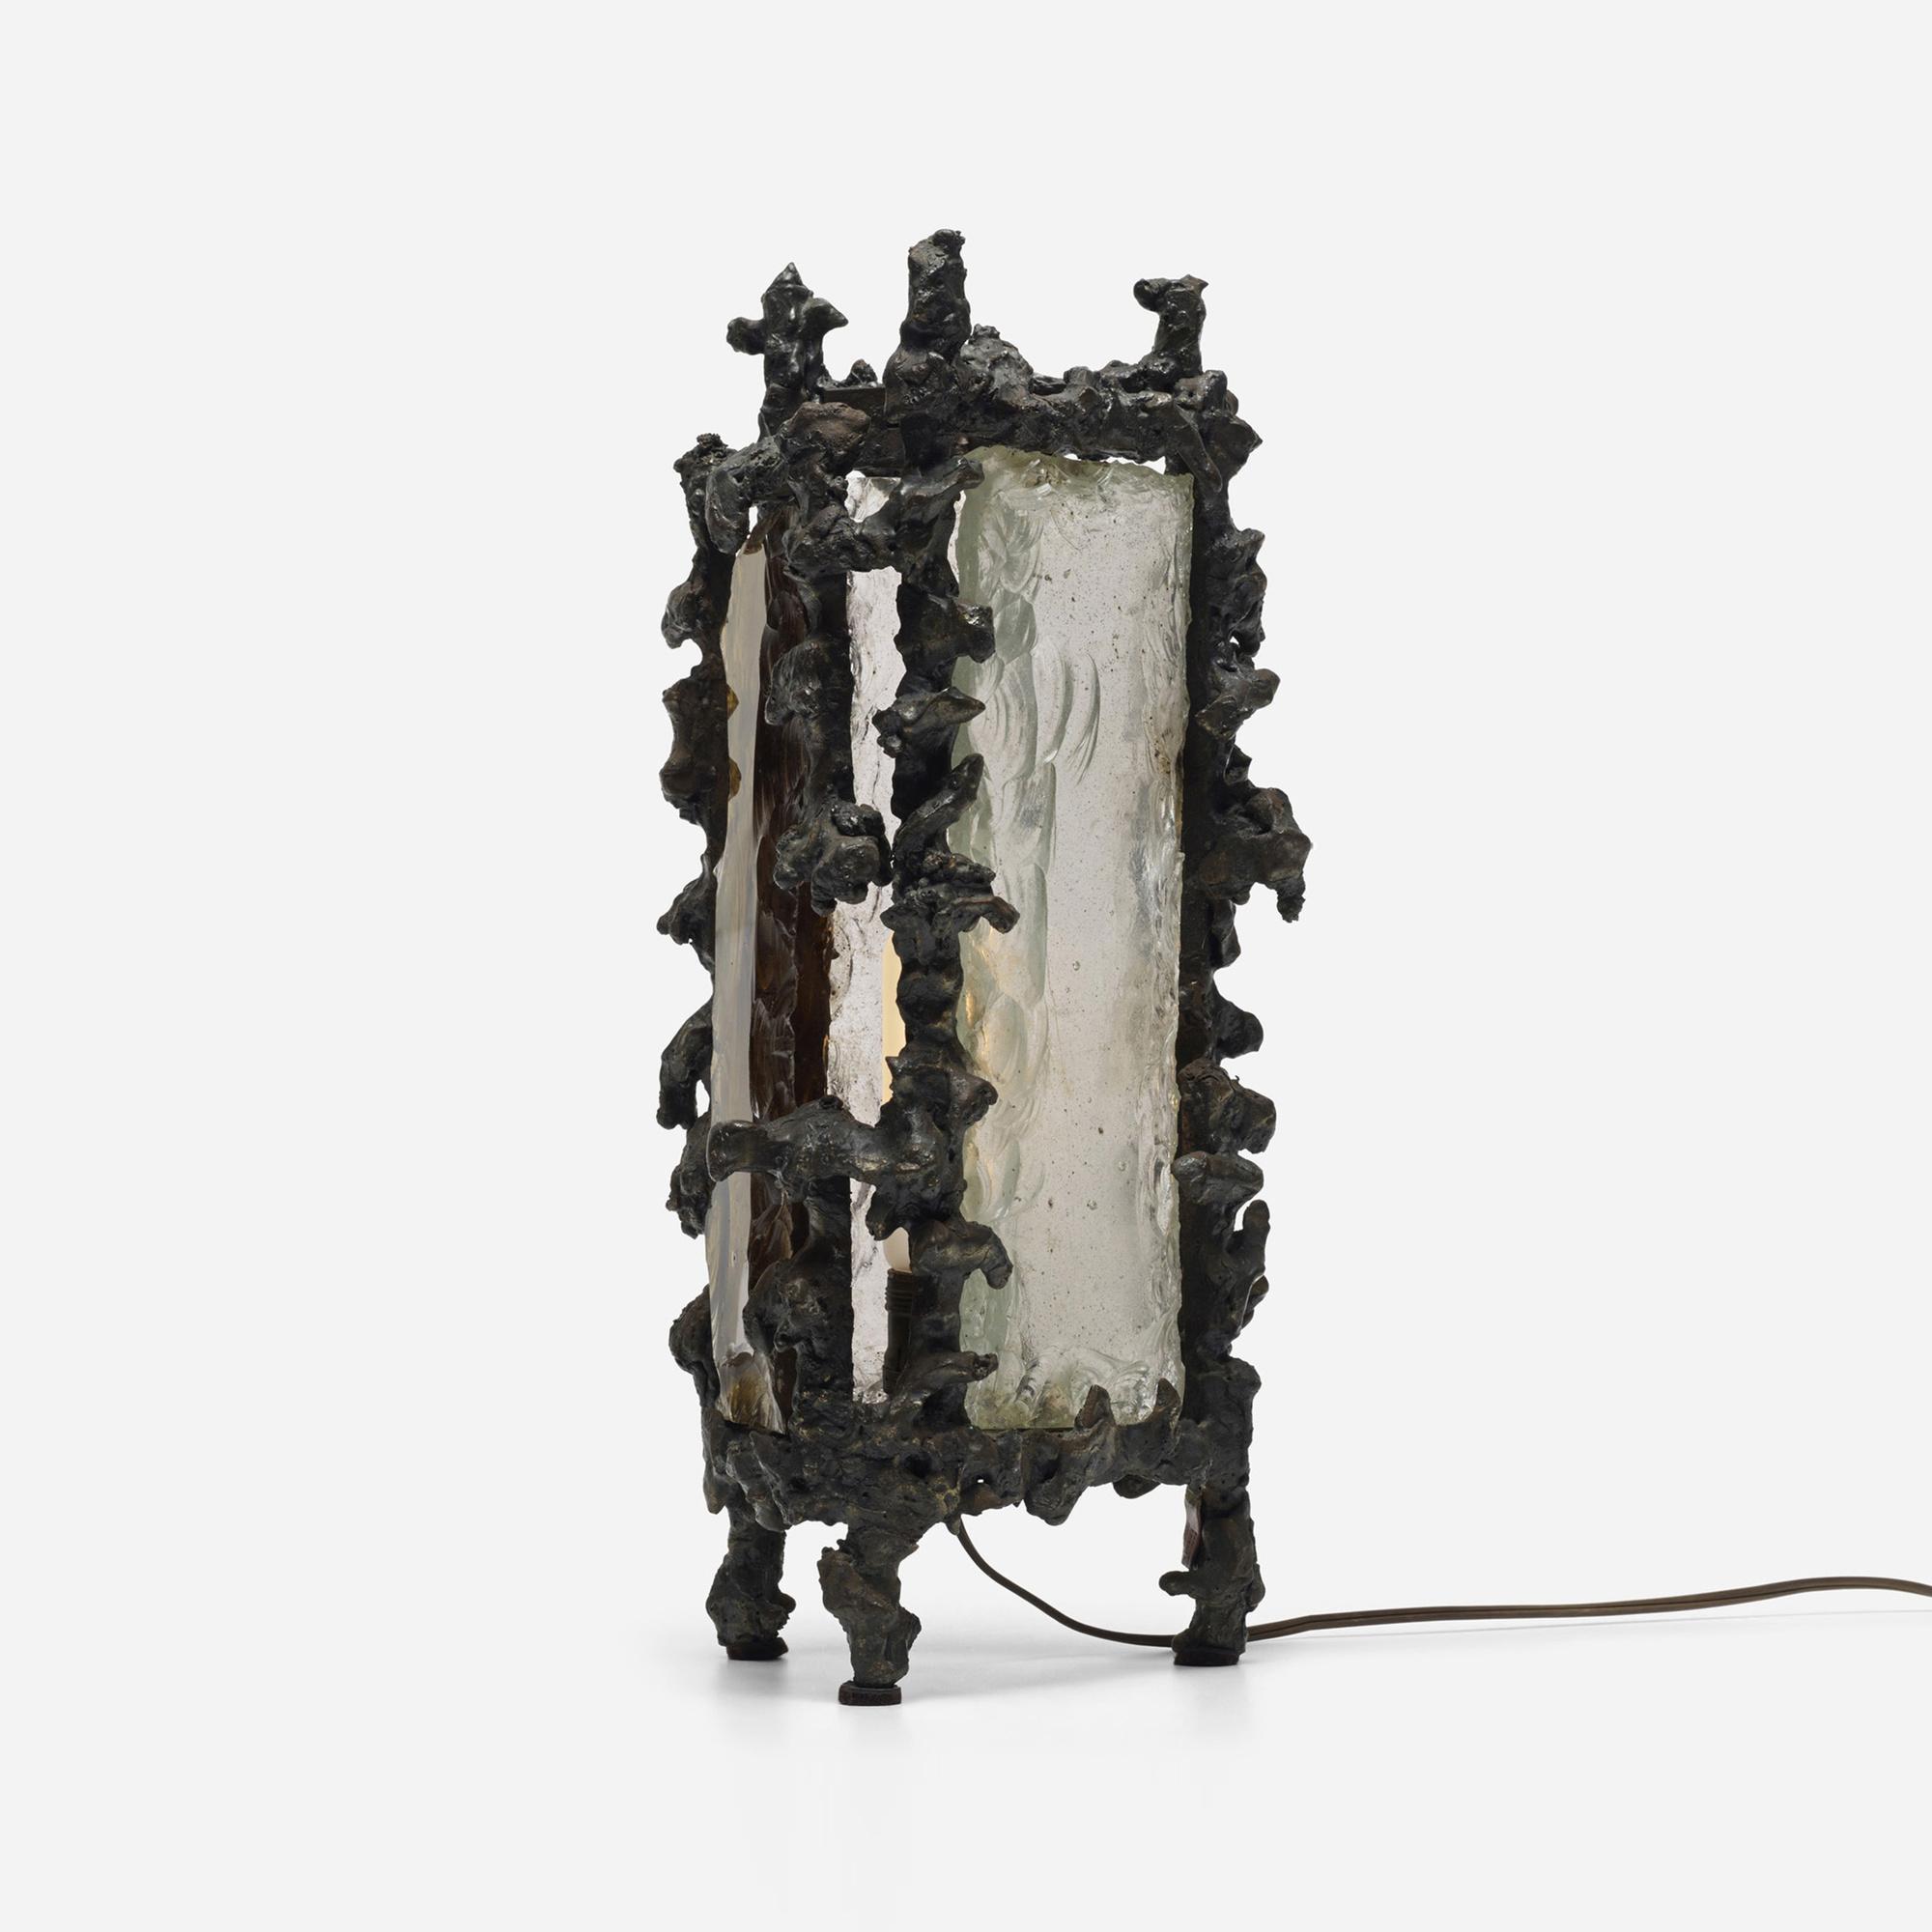 391: Marcello Fantoni / table lamp (1 of 3)